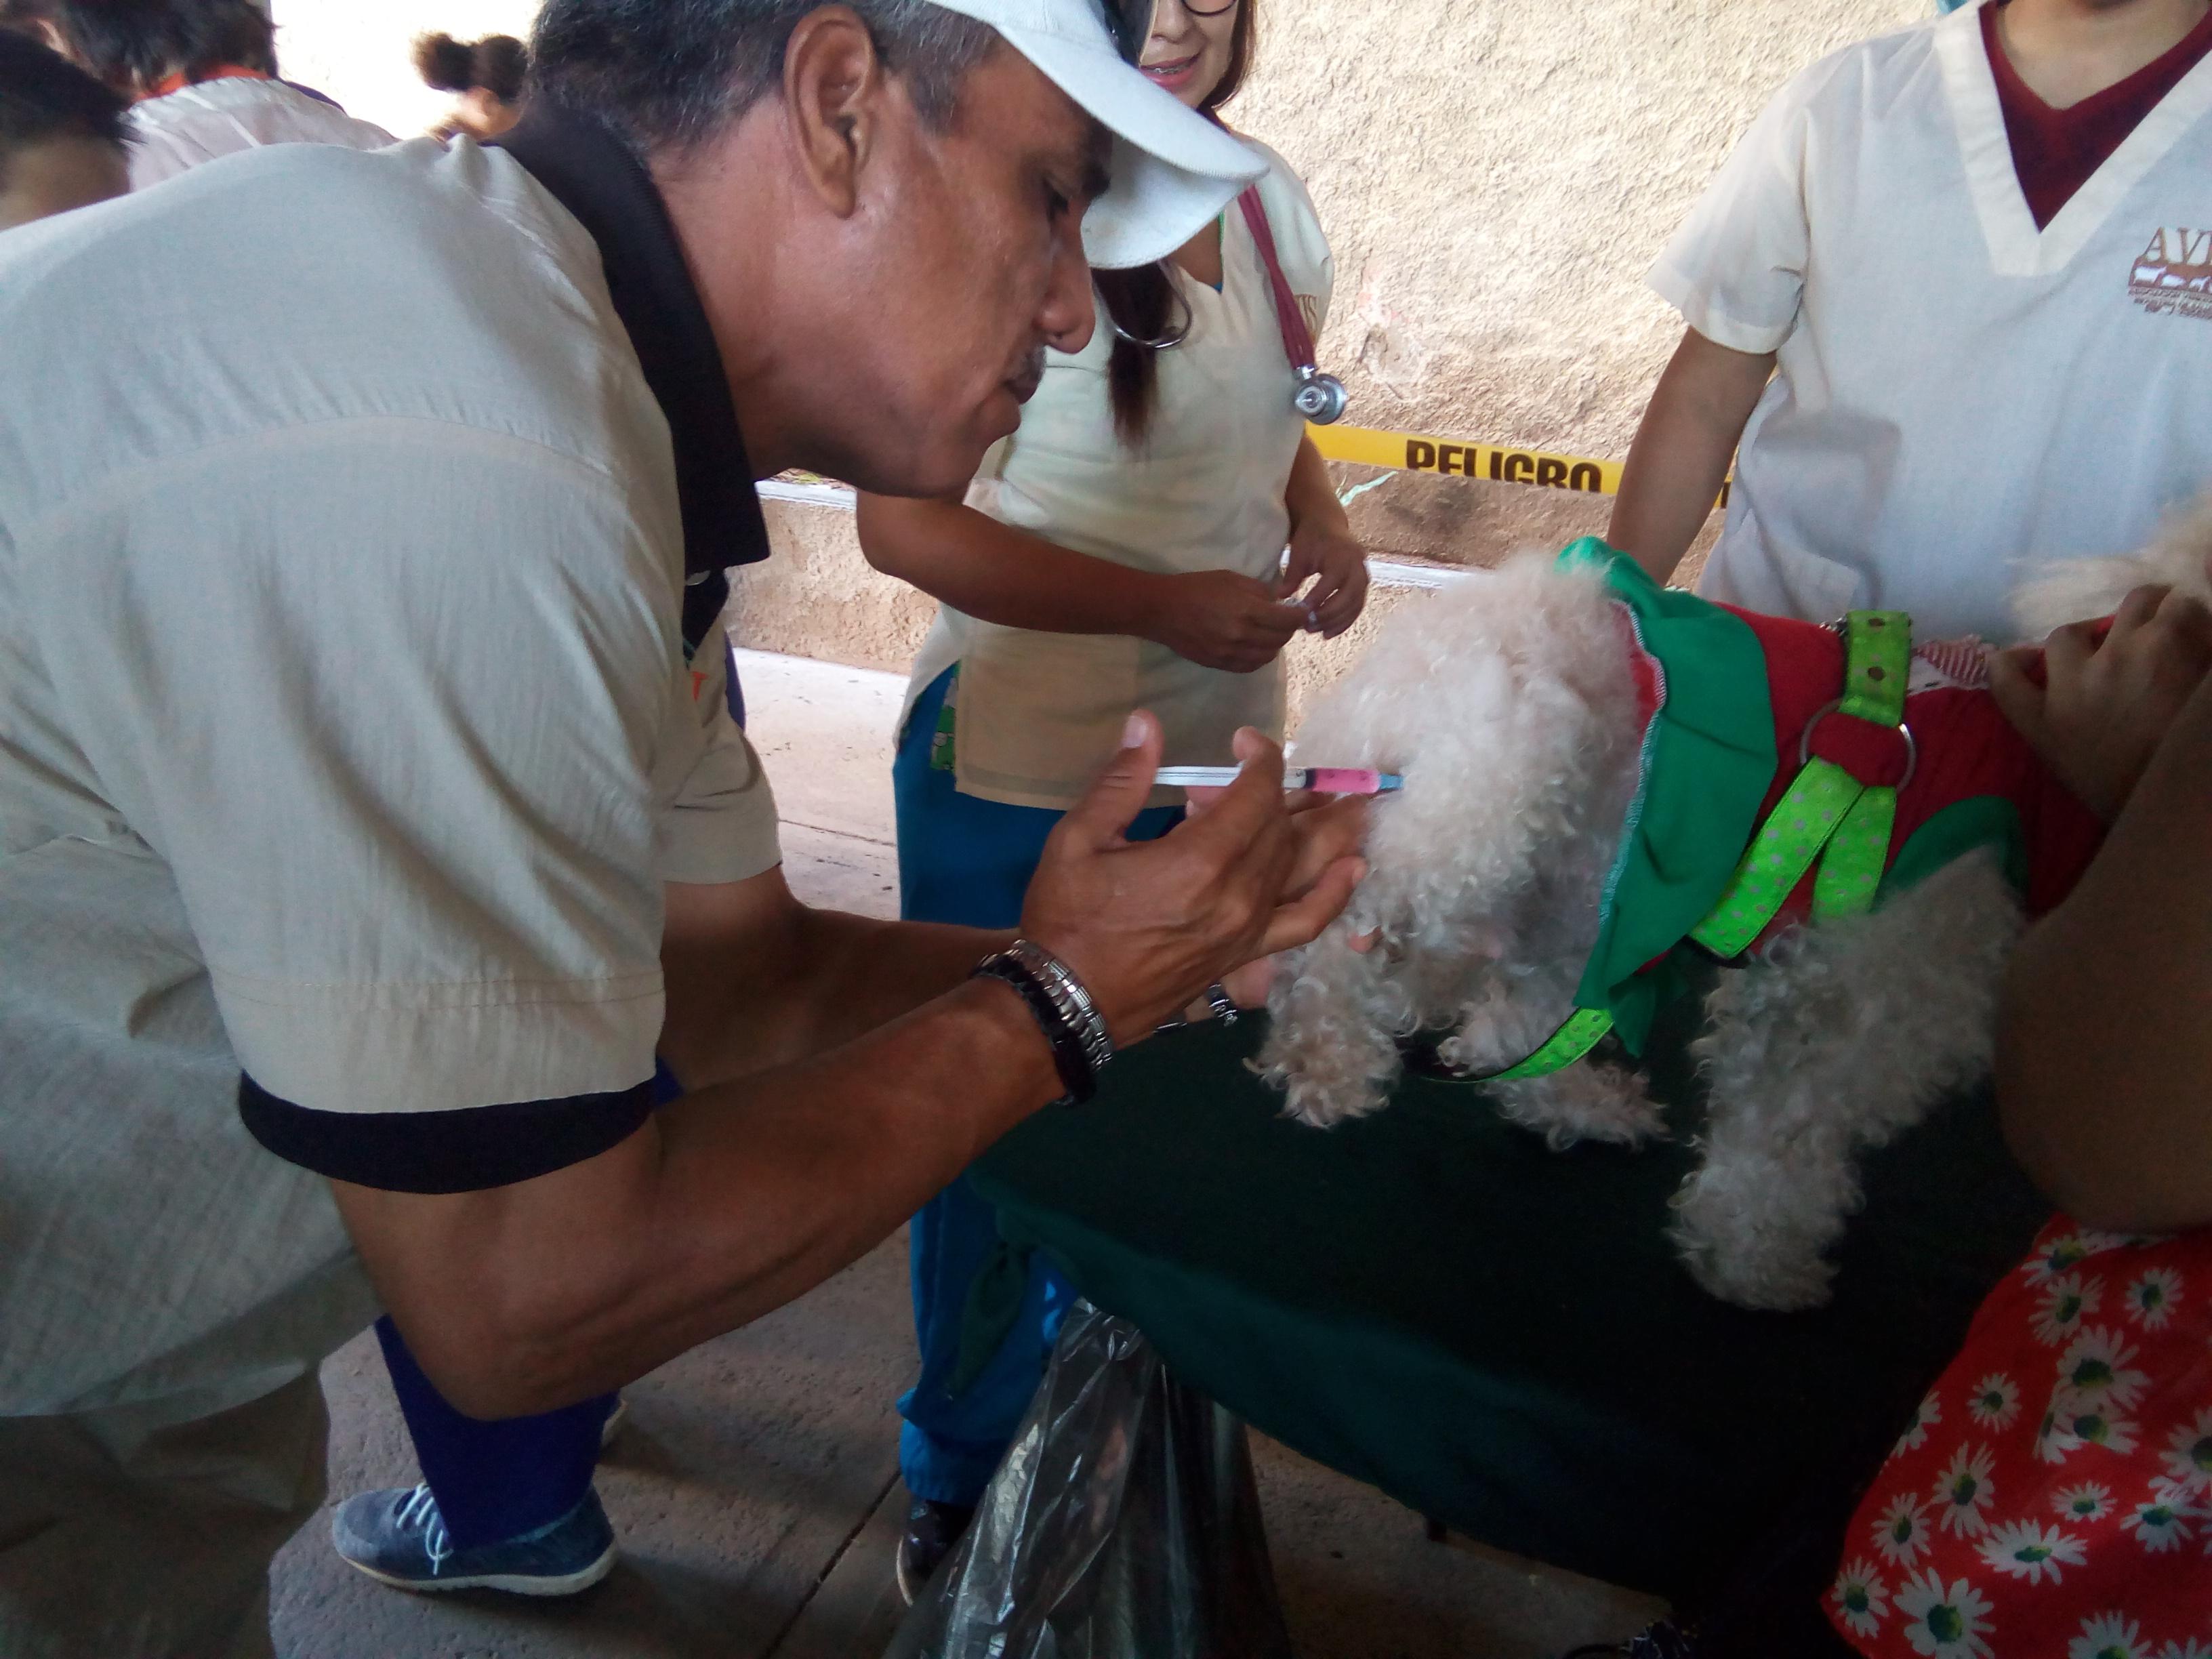 Voluntario Colocando Vacuna Contra la Rabia, Jornada Salud Animal, 2019.